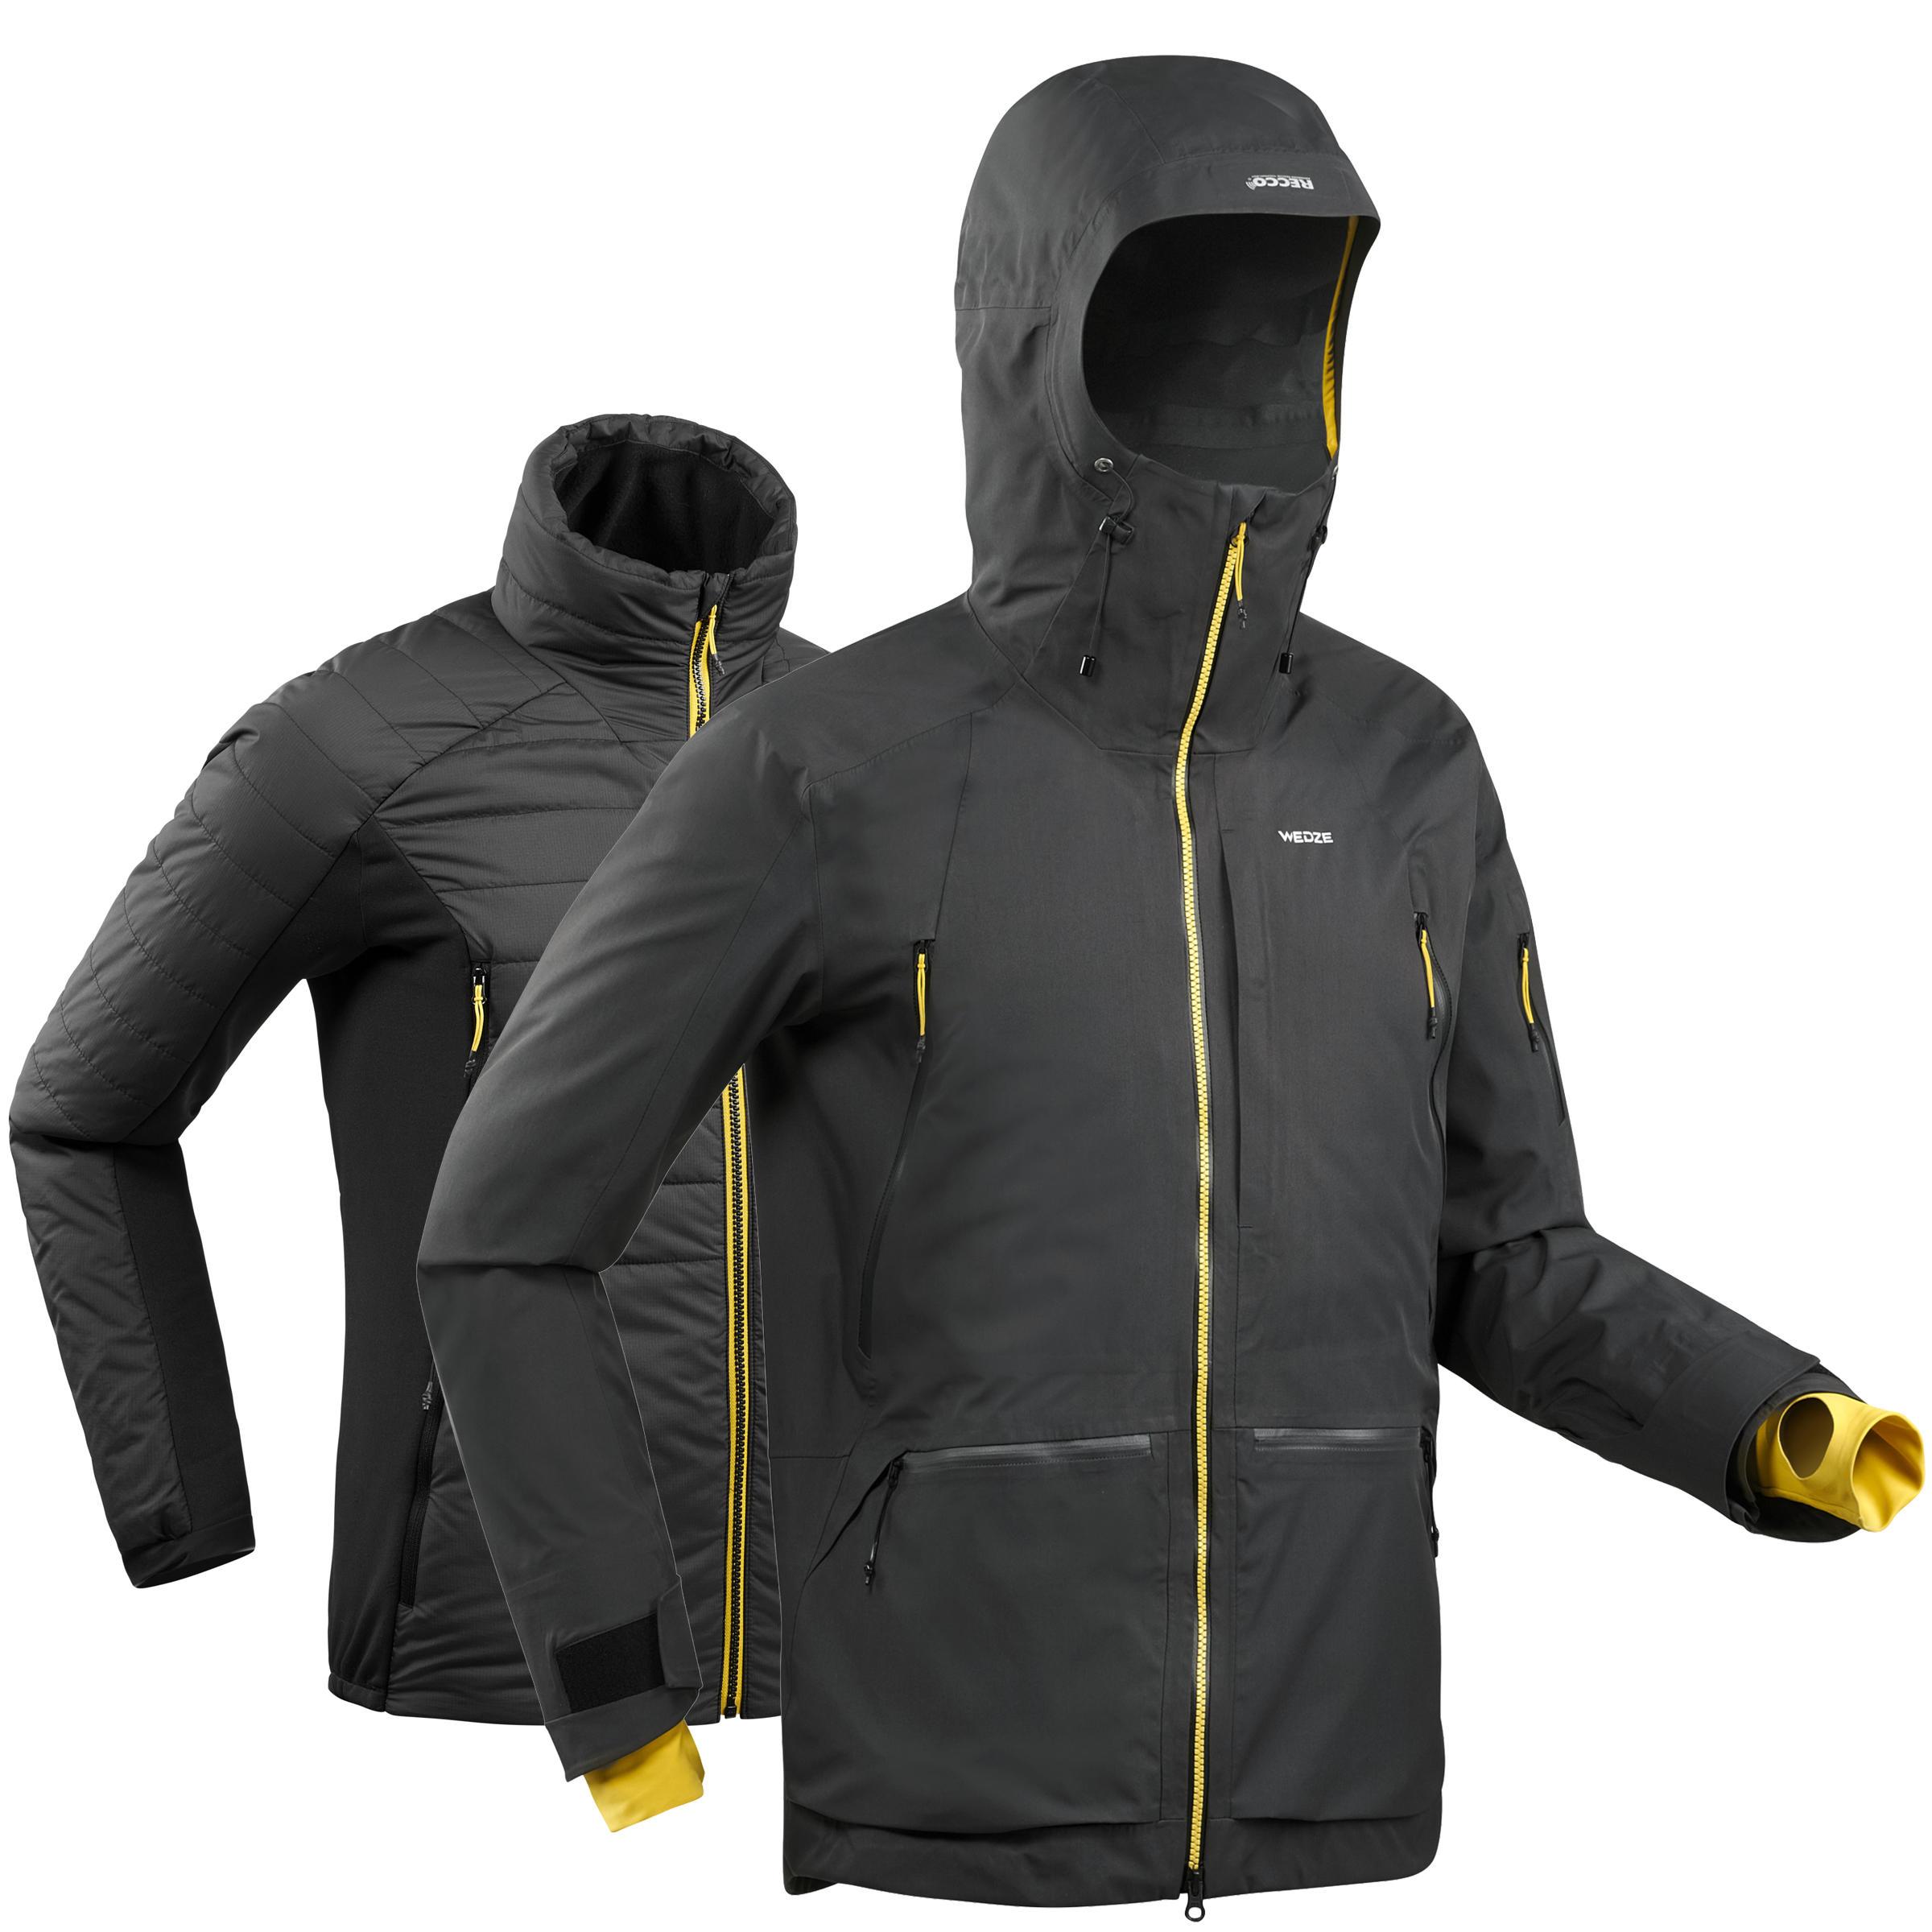 nouveau style e16be 4f4f5 Veste de ski Homme - Doudoune, Blouson | DECATHLON